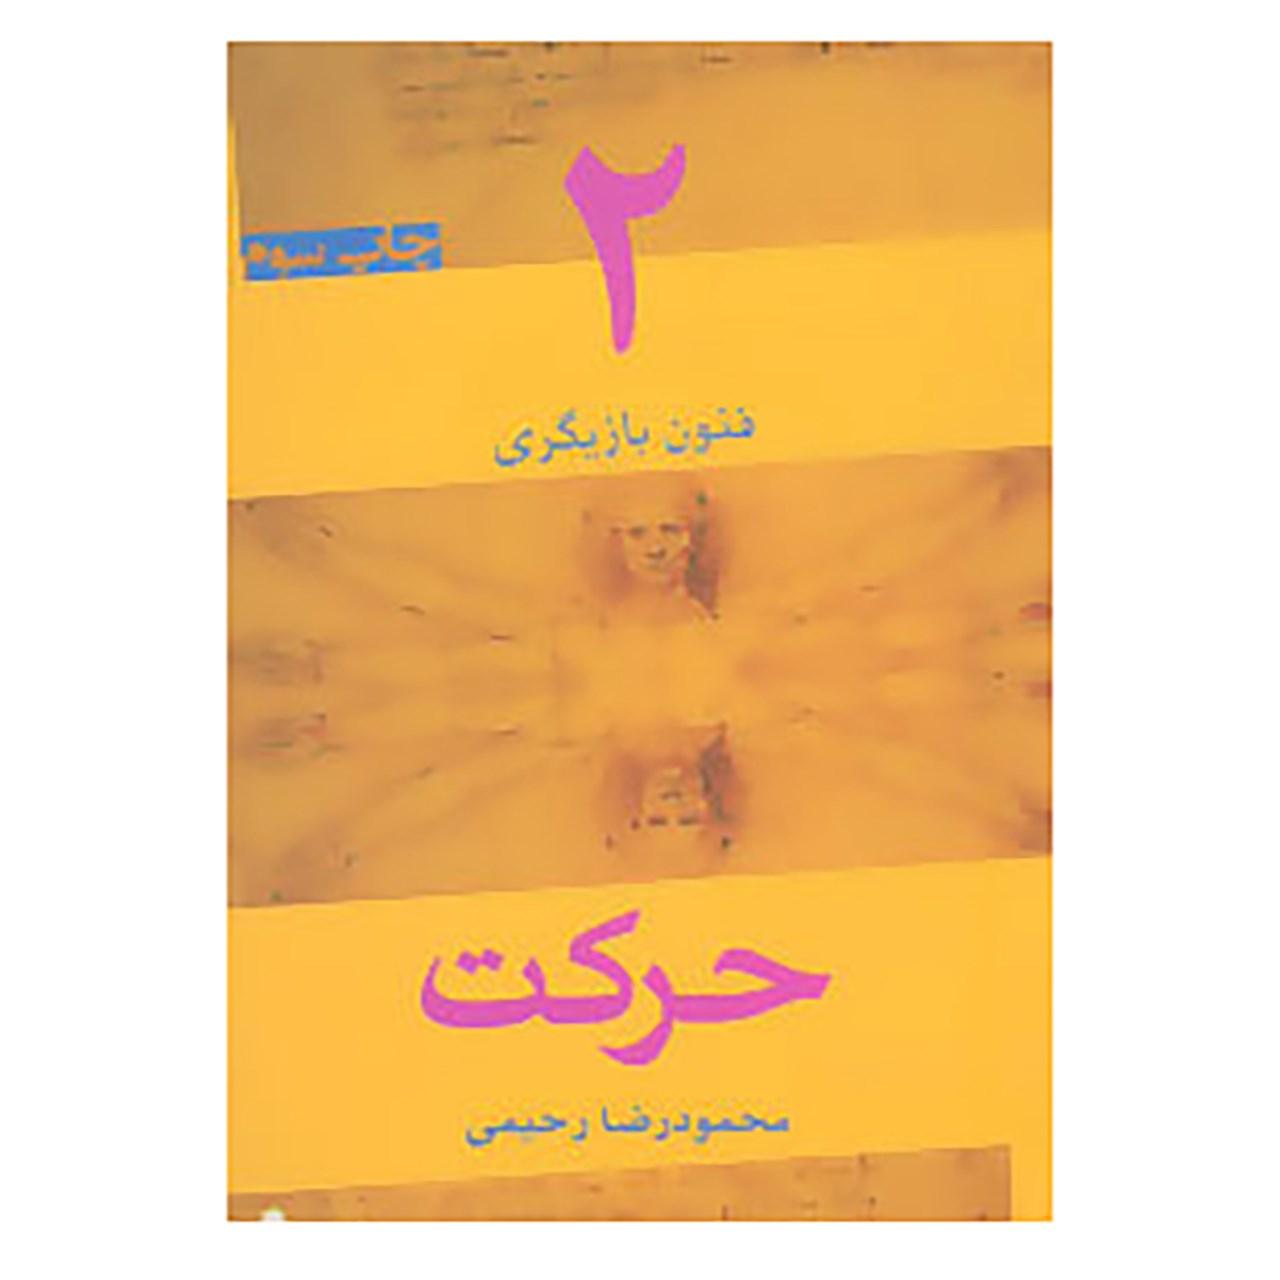 خرید                      کتاب فنون بازیگری 2 اثر محمودرضا رحیمی